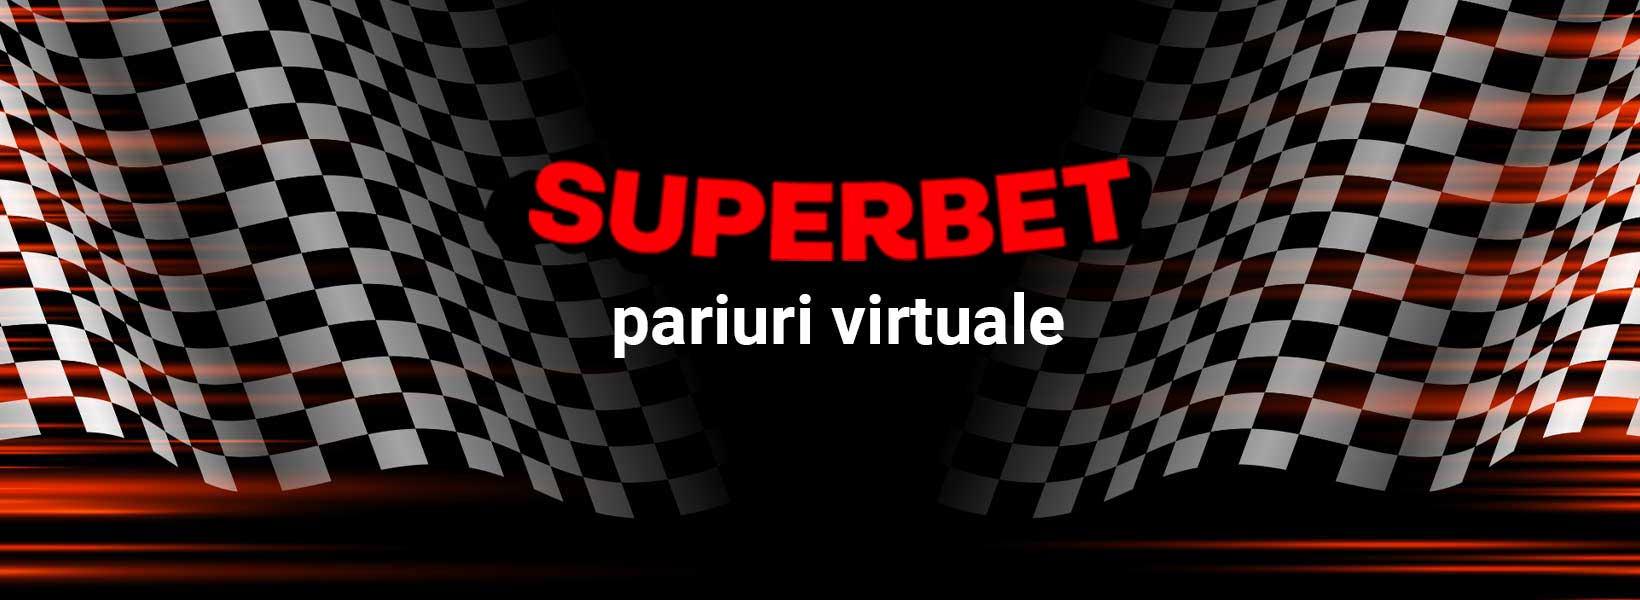 superbet pariuri virtuale online